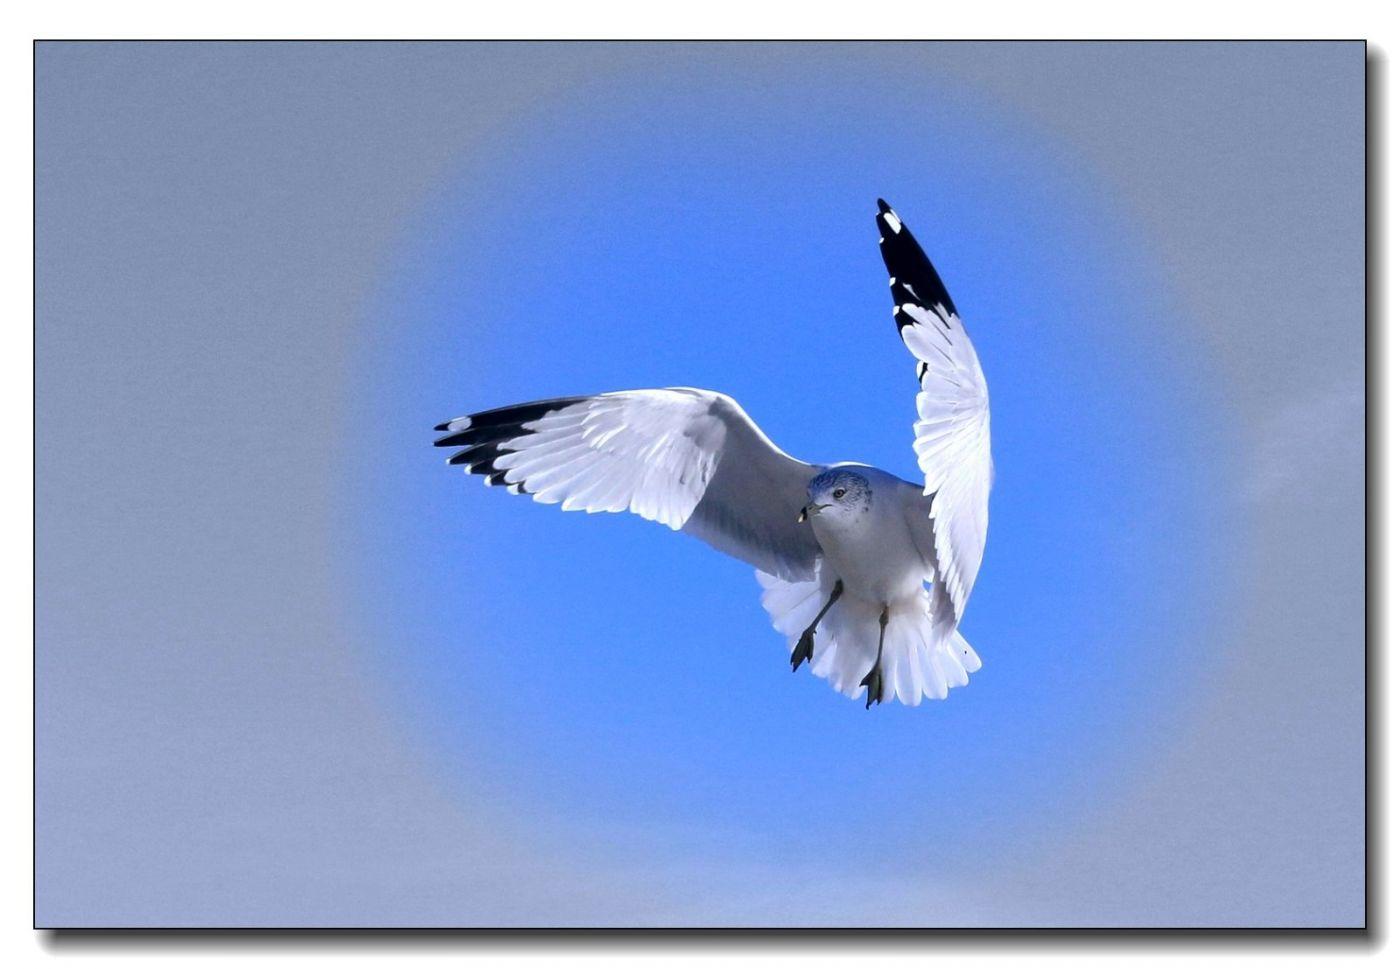 洛克威海滩拍鸟-银鸥_图1-14